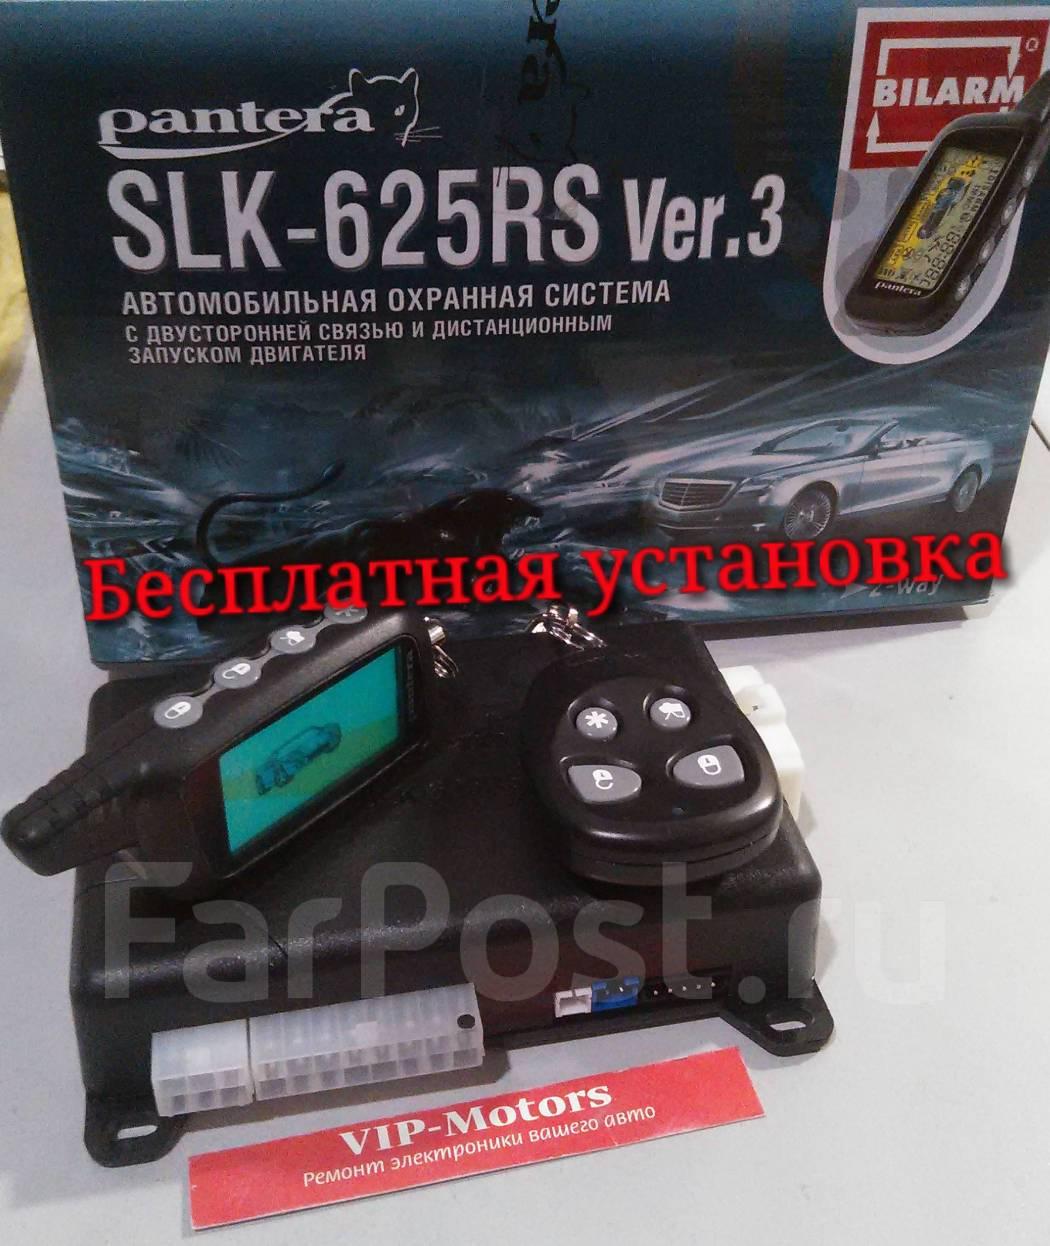 сигнализация пантера slk-625rs с обратной связью инструкция